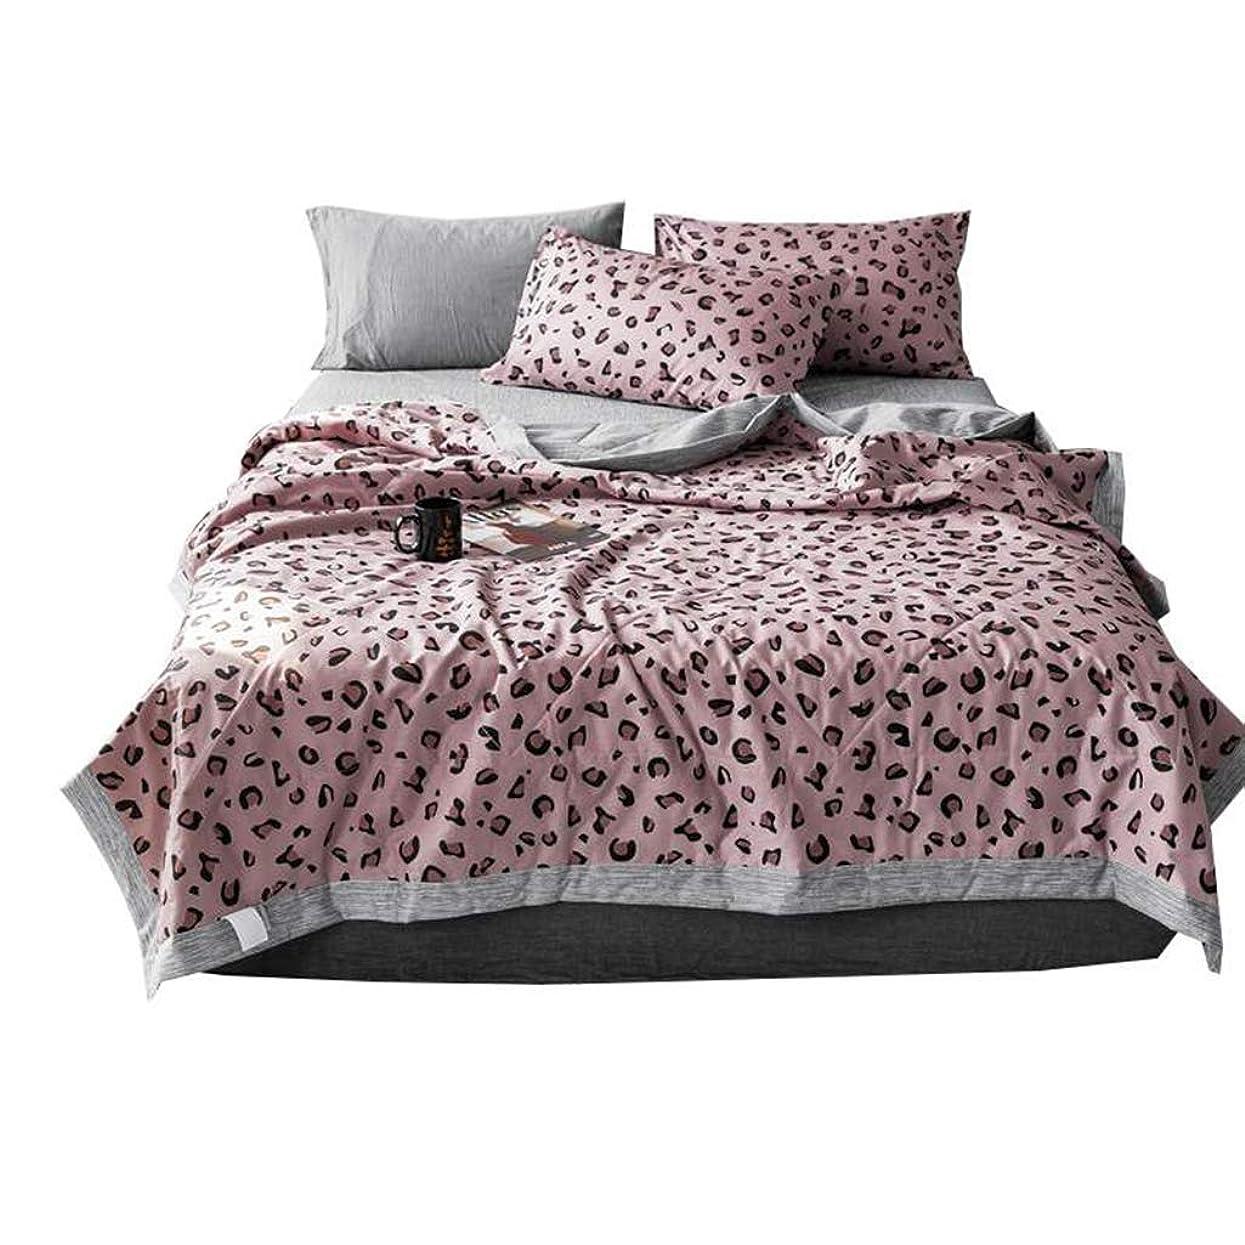 バンバング真実夏のヒョウ柄プリントコットンナップ毛布夏の薄いキルト寝具エアコン付きのクールな毛布のための薄い掛け布団,Single